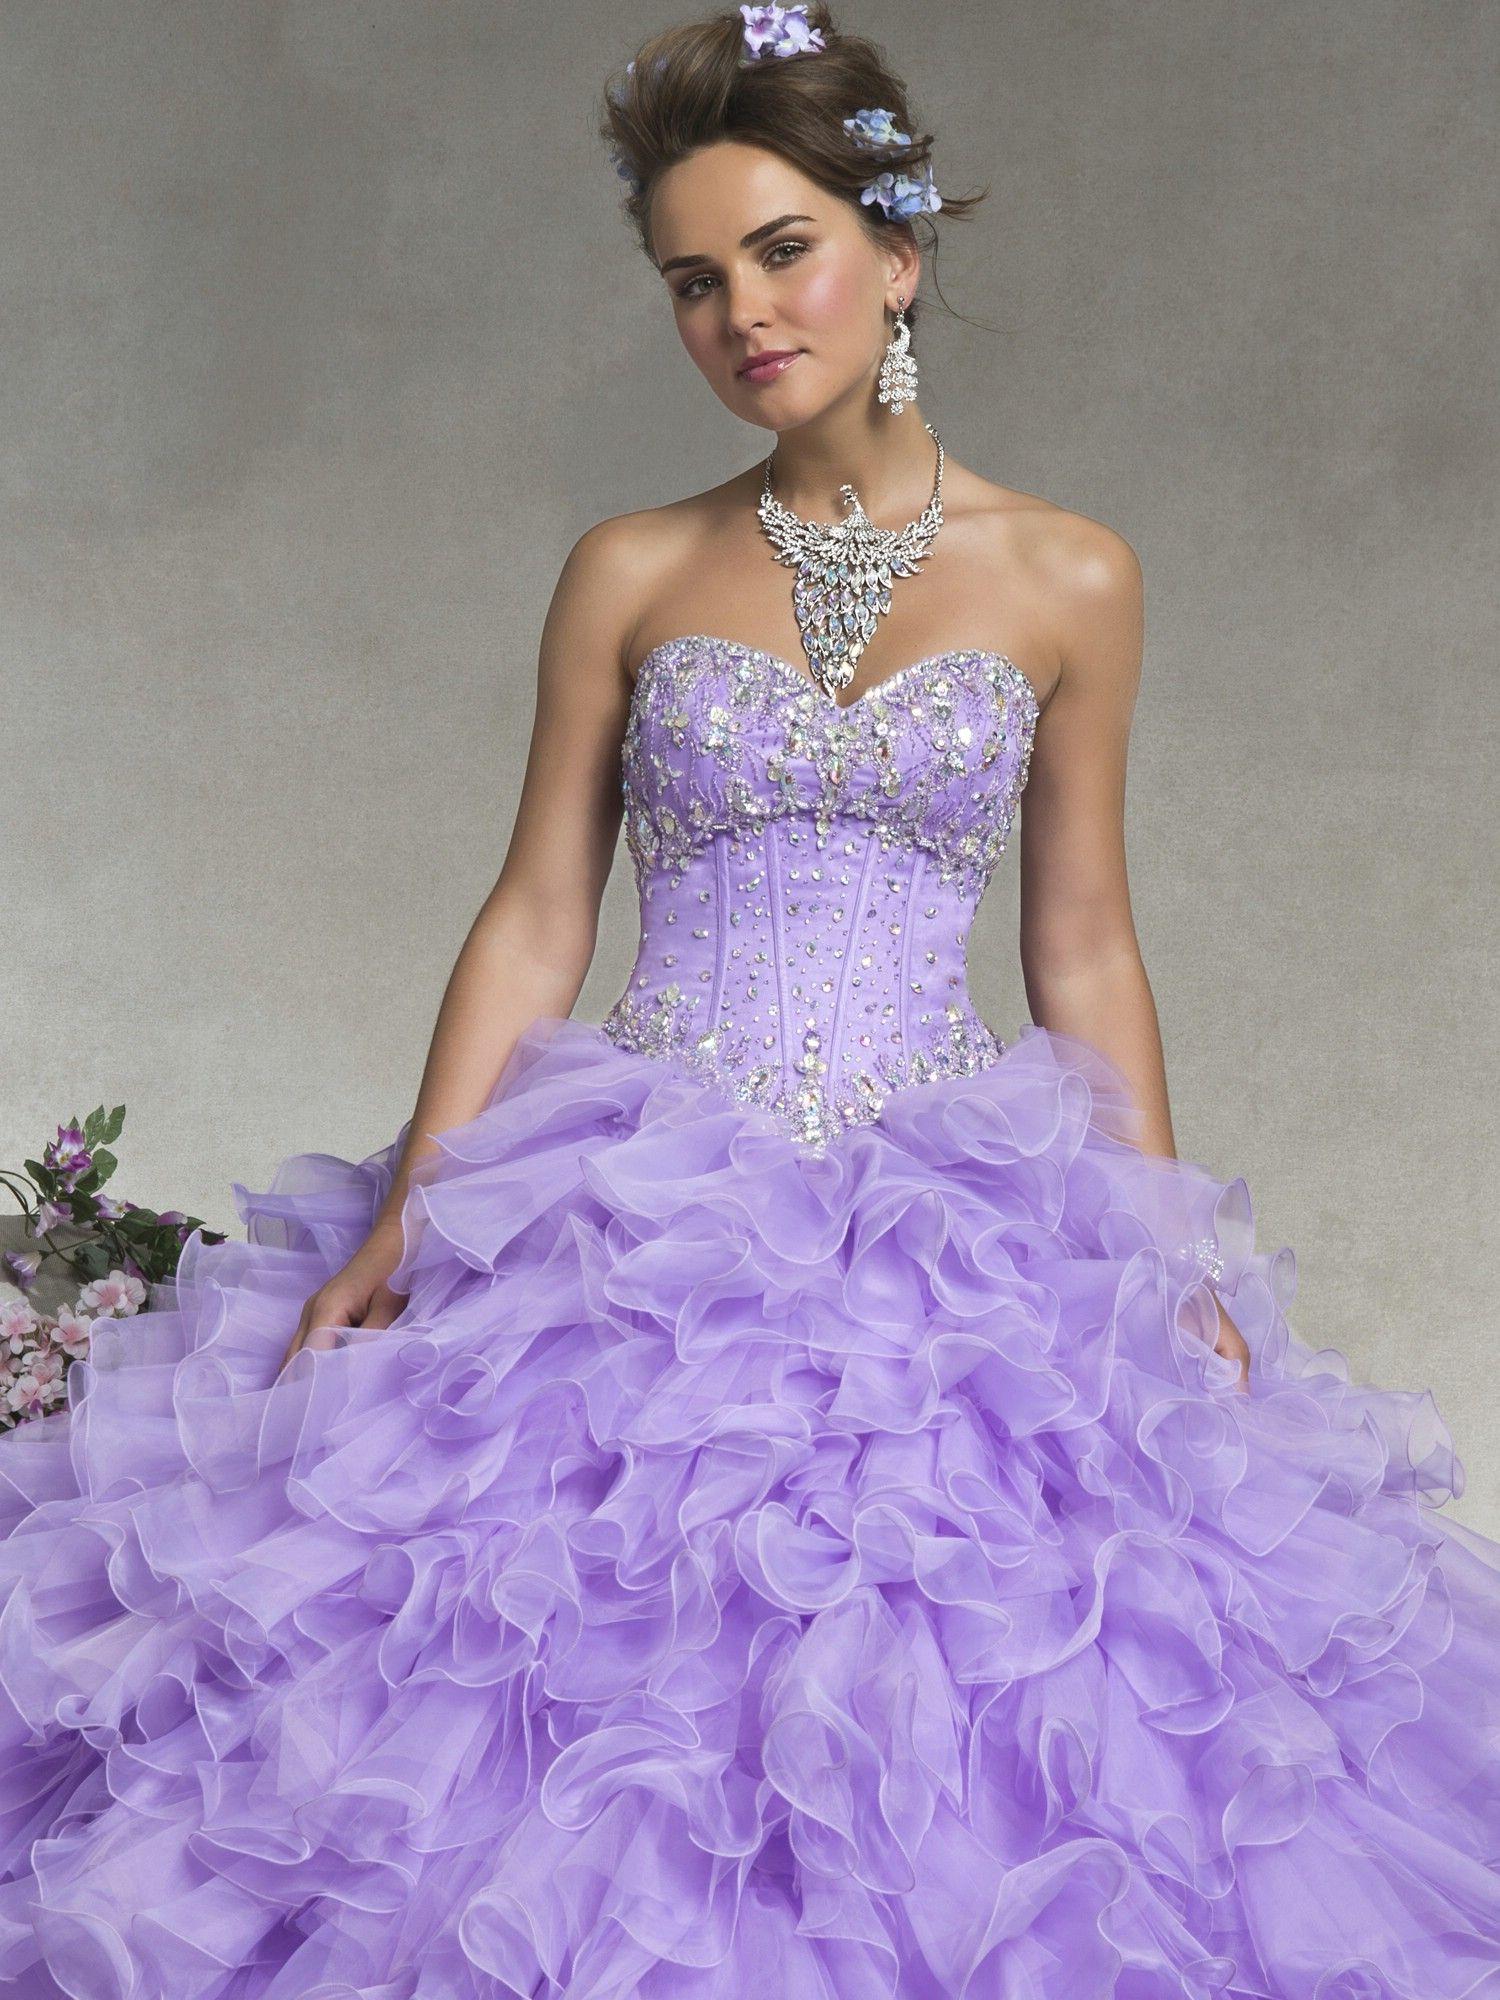 quinceanera dresses david\'s bridal | Mori Lee Quinceanera Dresses ...